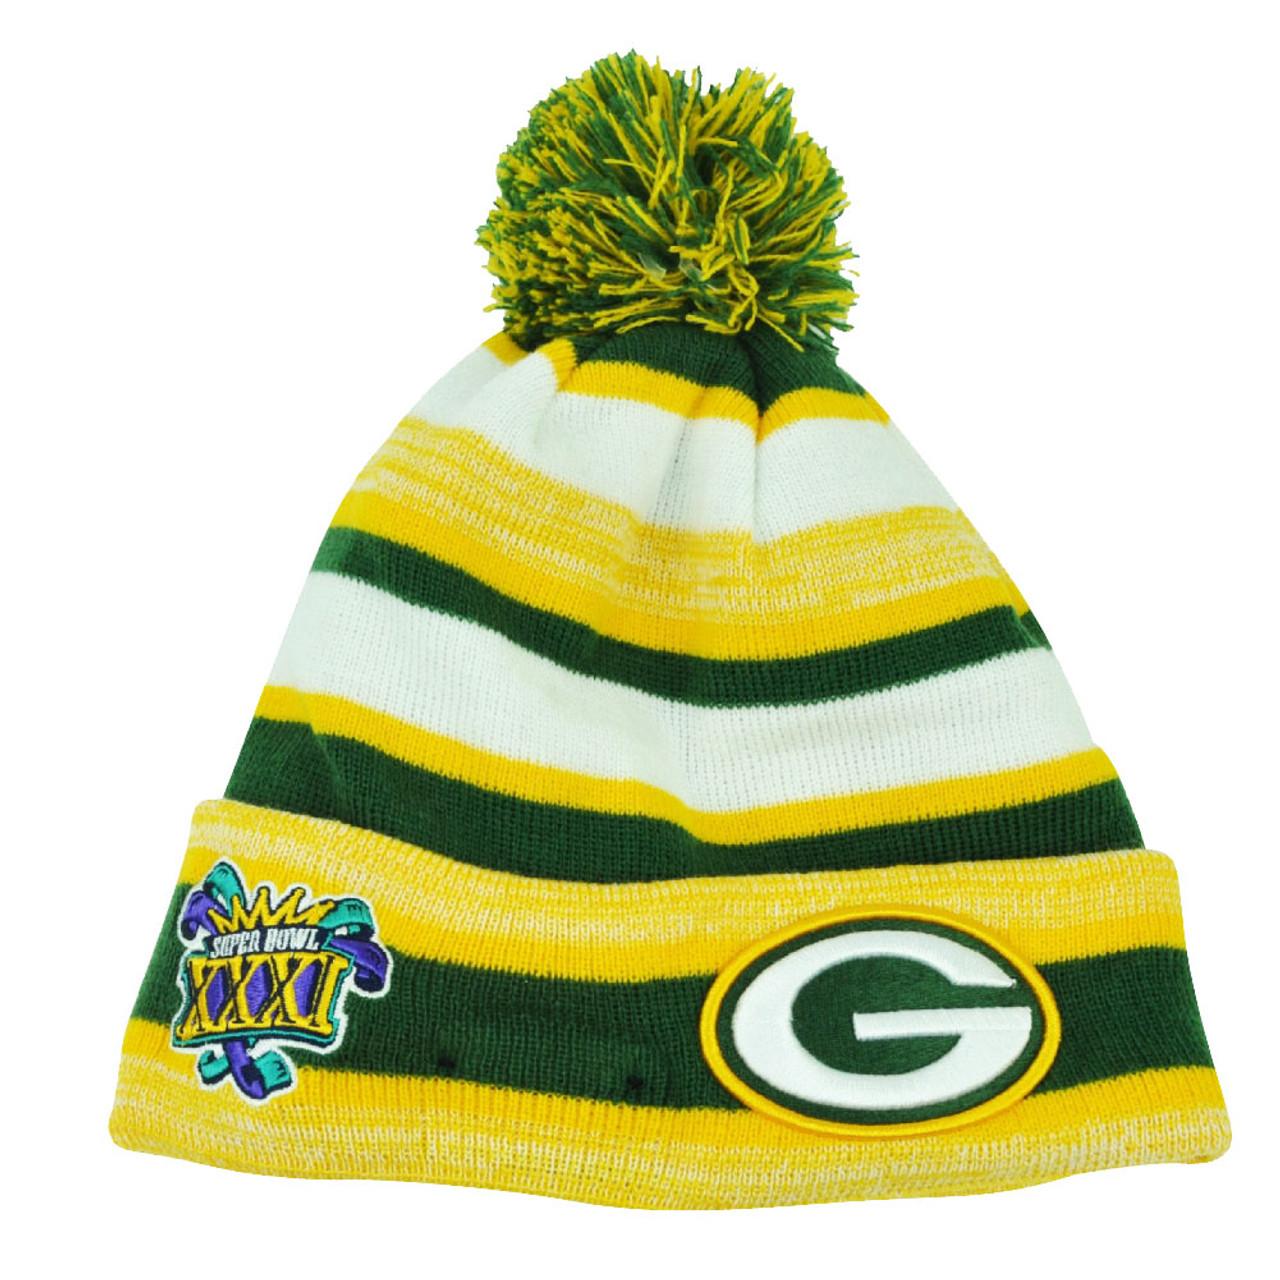 d245fb2d NFL New Era Super Bowl XXXI Sport Knit Green Bay Packers Knit Beanie Cuffed